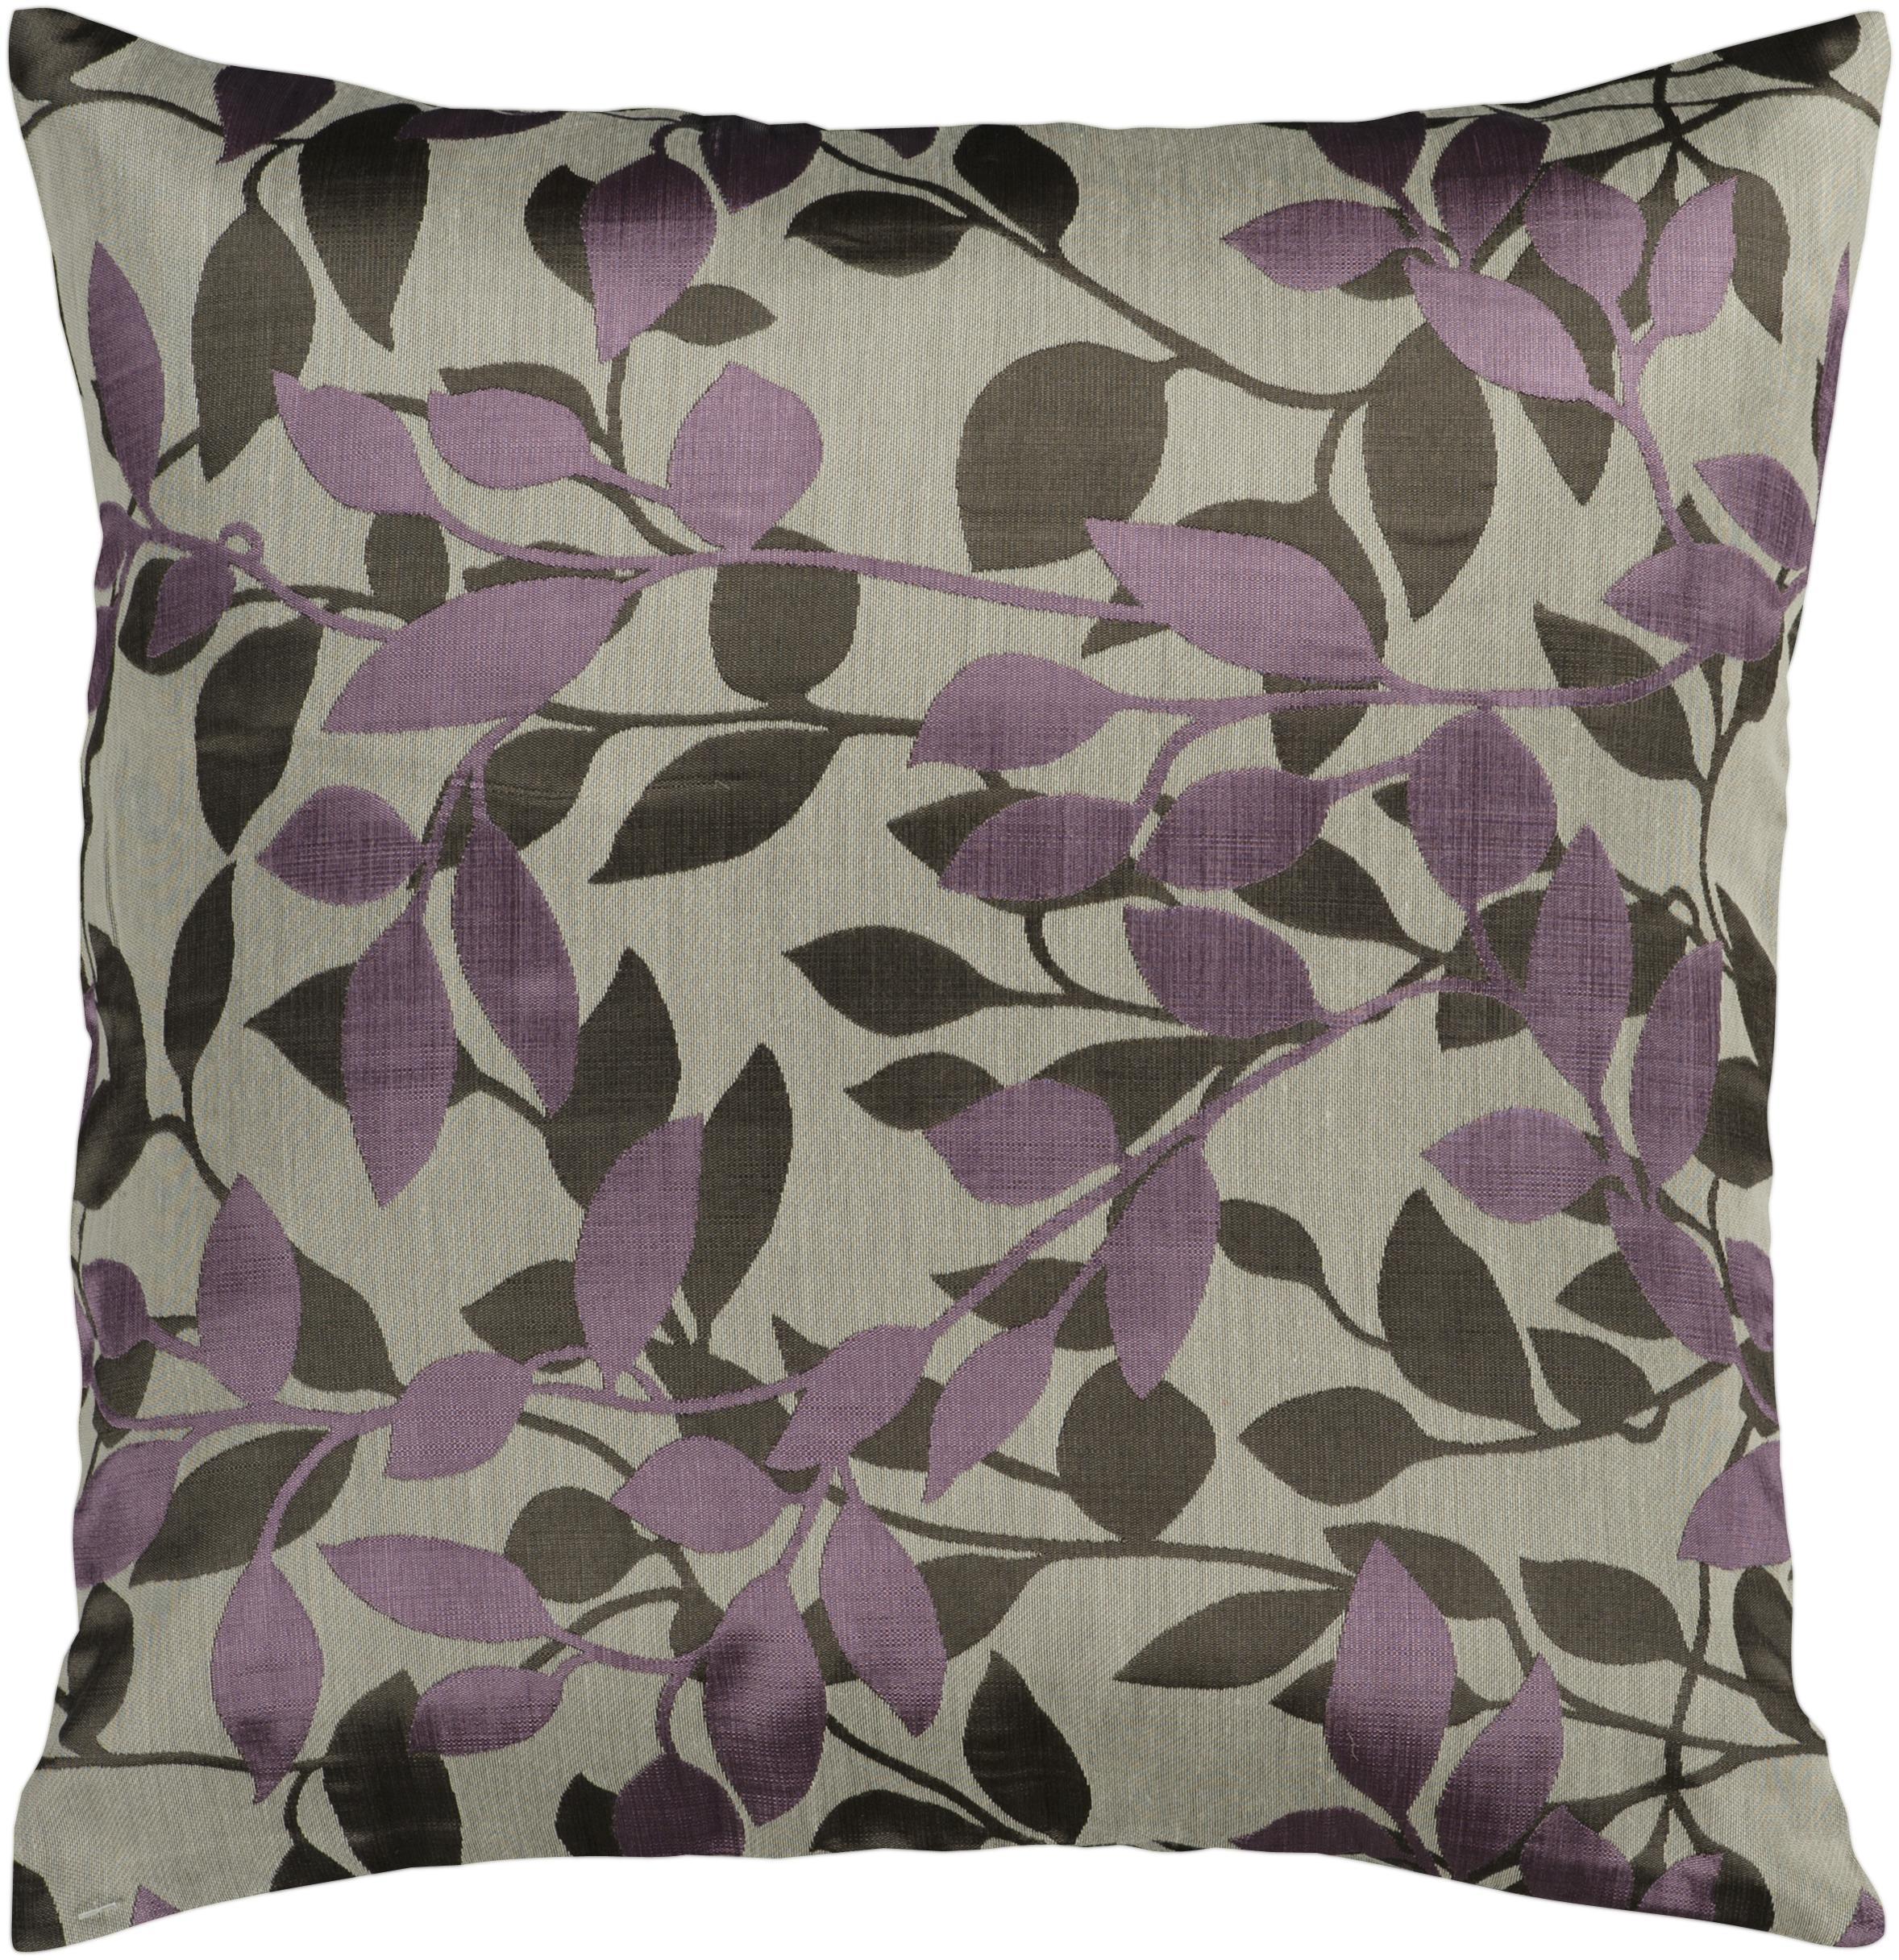 """Surya Rugs Pillows 22"""" x 22"""" Pillow - Item Number: HH062-2222P"""